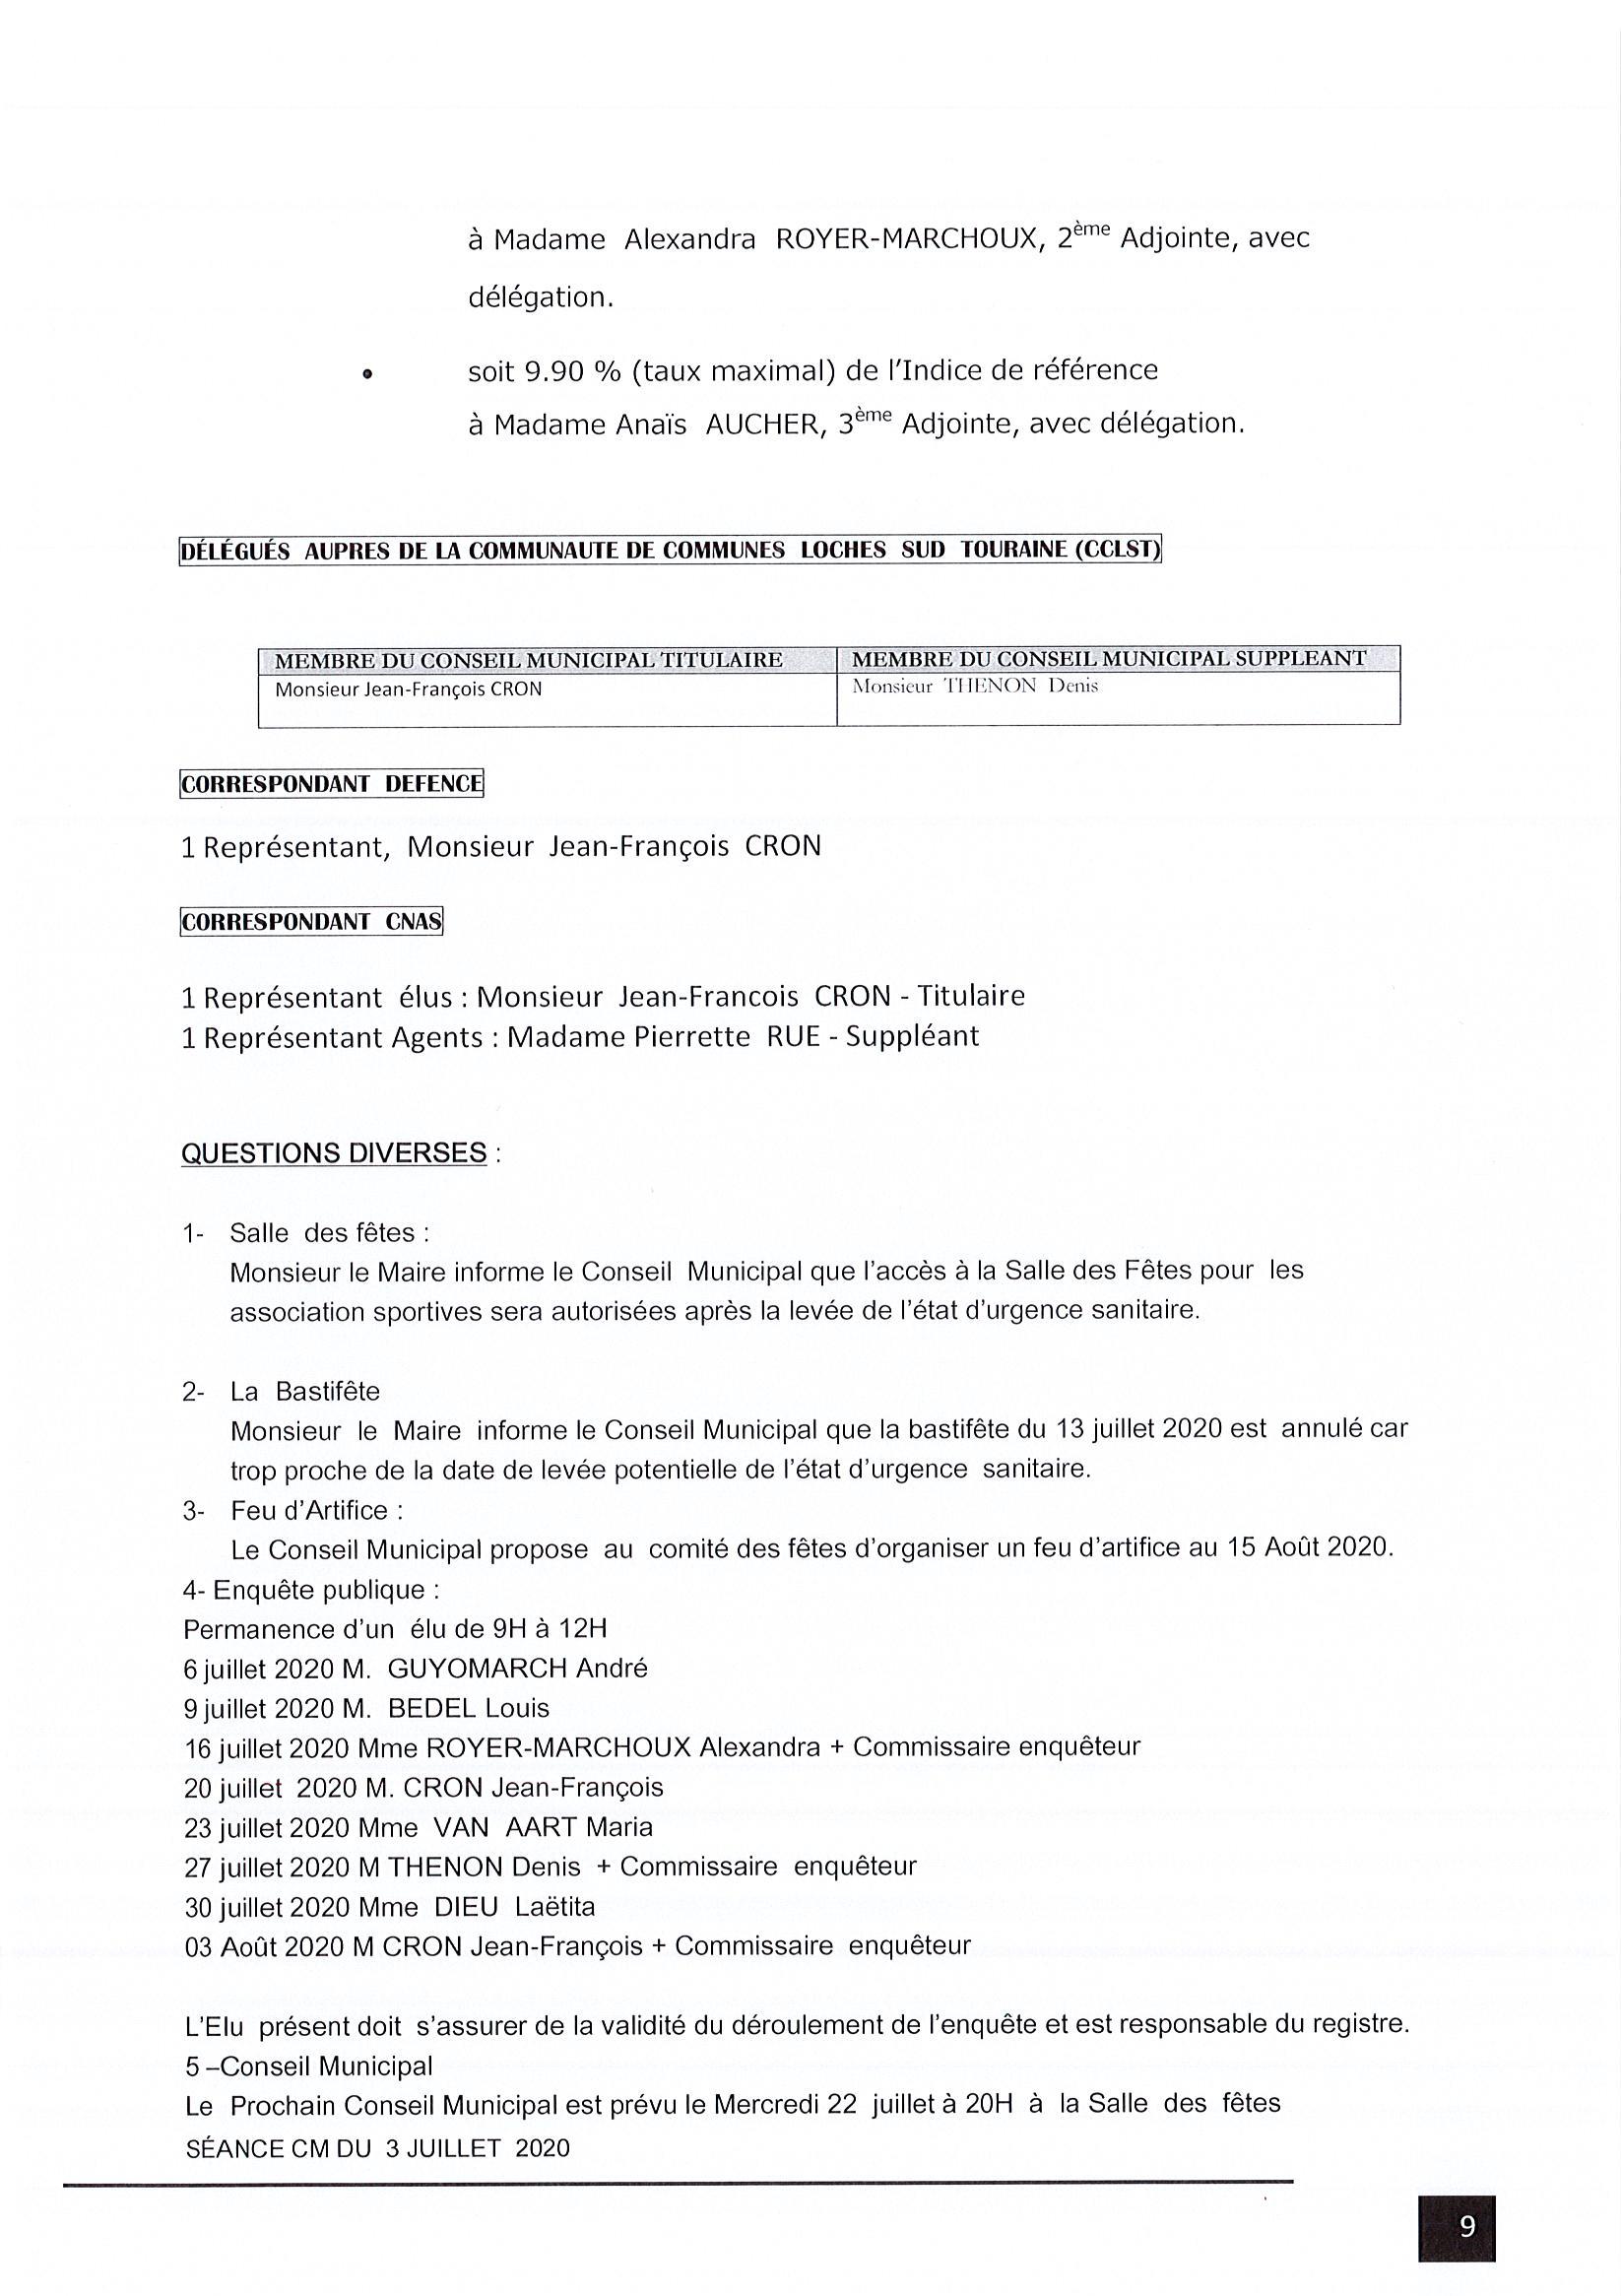 accueil/doc101120-10112020121830-0017.jpg